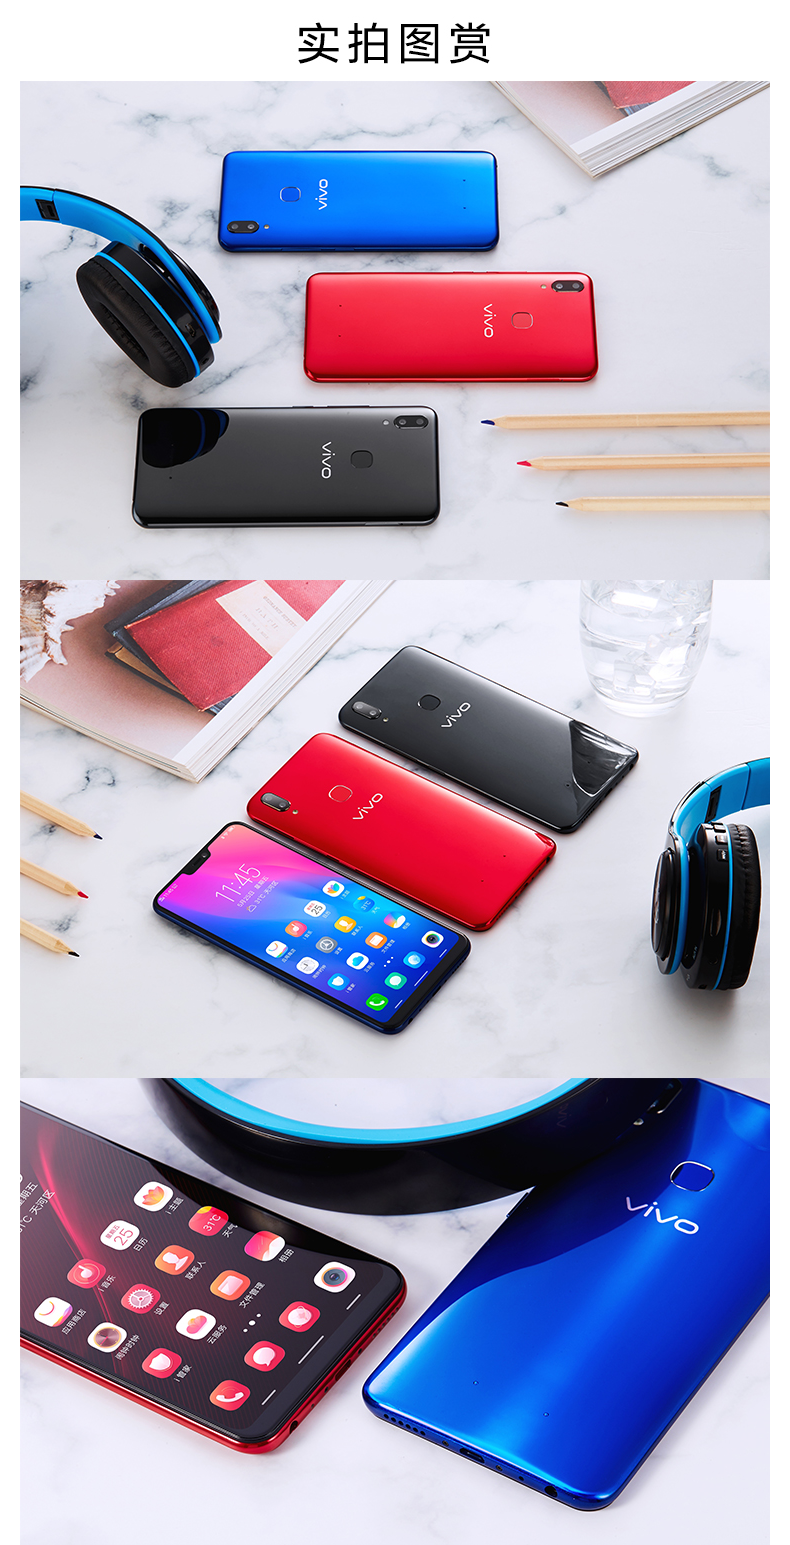 quầng sáng màu 6G trả góp không lãi suất Vivo Z1 điện thoại chính phẩm vivoz1 phiên bản giới hạn z1i